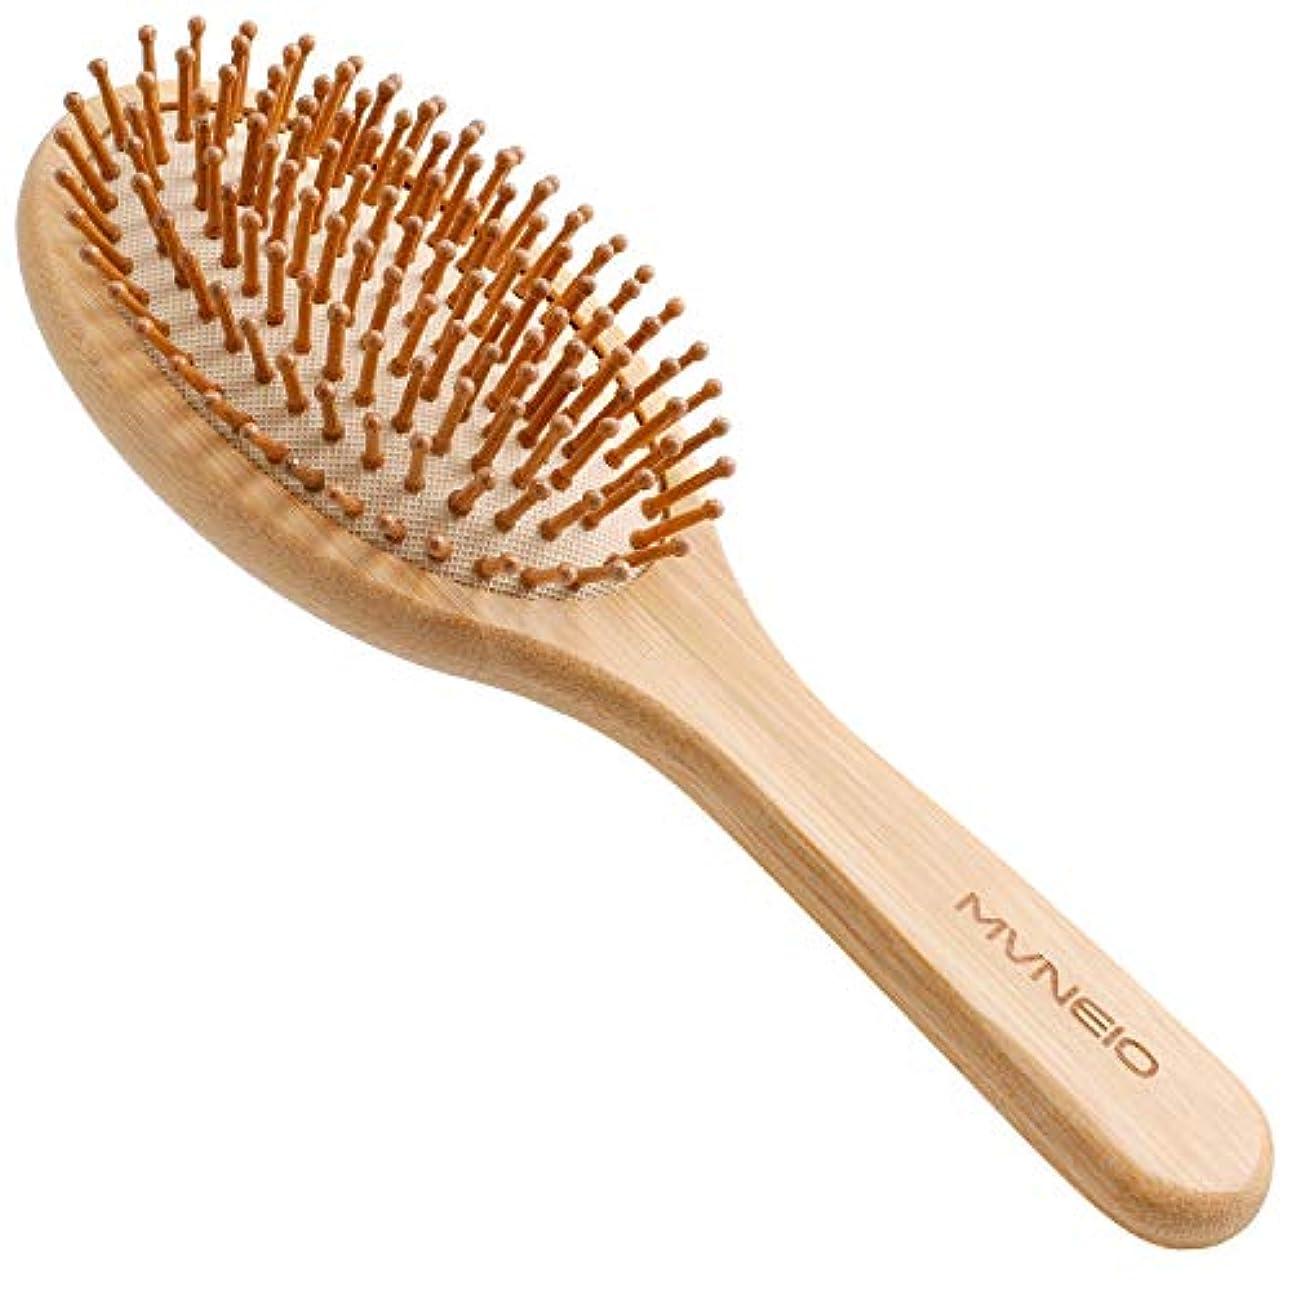 群れ修理工検出器ヘアブラシ 竹製櫛 くし ヘアケア 頭皮マッサージ 静電気防止 パドルブラシ 美髪ケア 頭皮に優しい メンズ レディースに適用